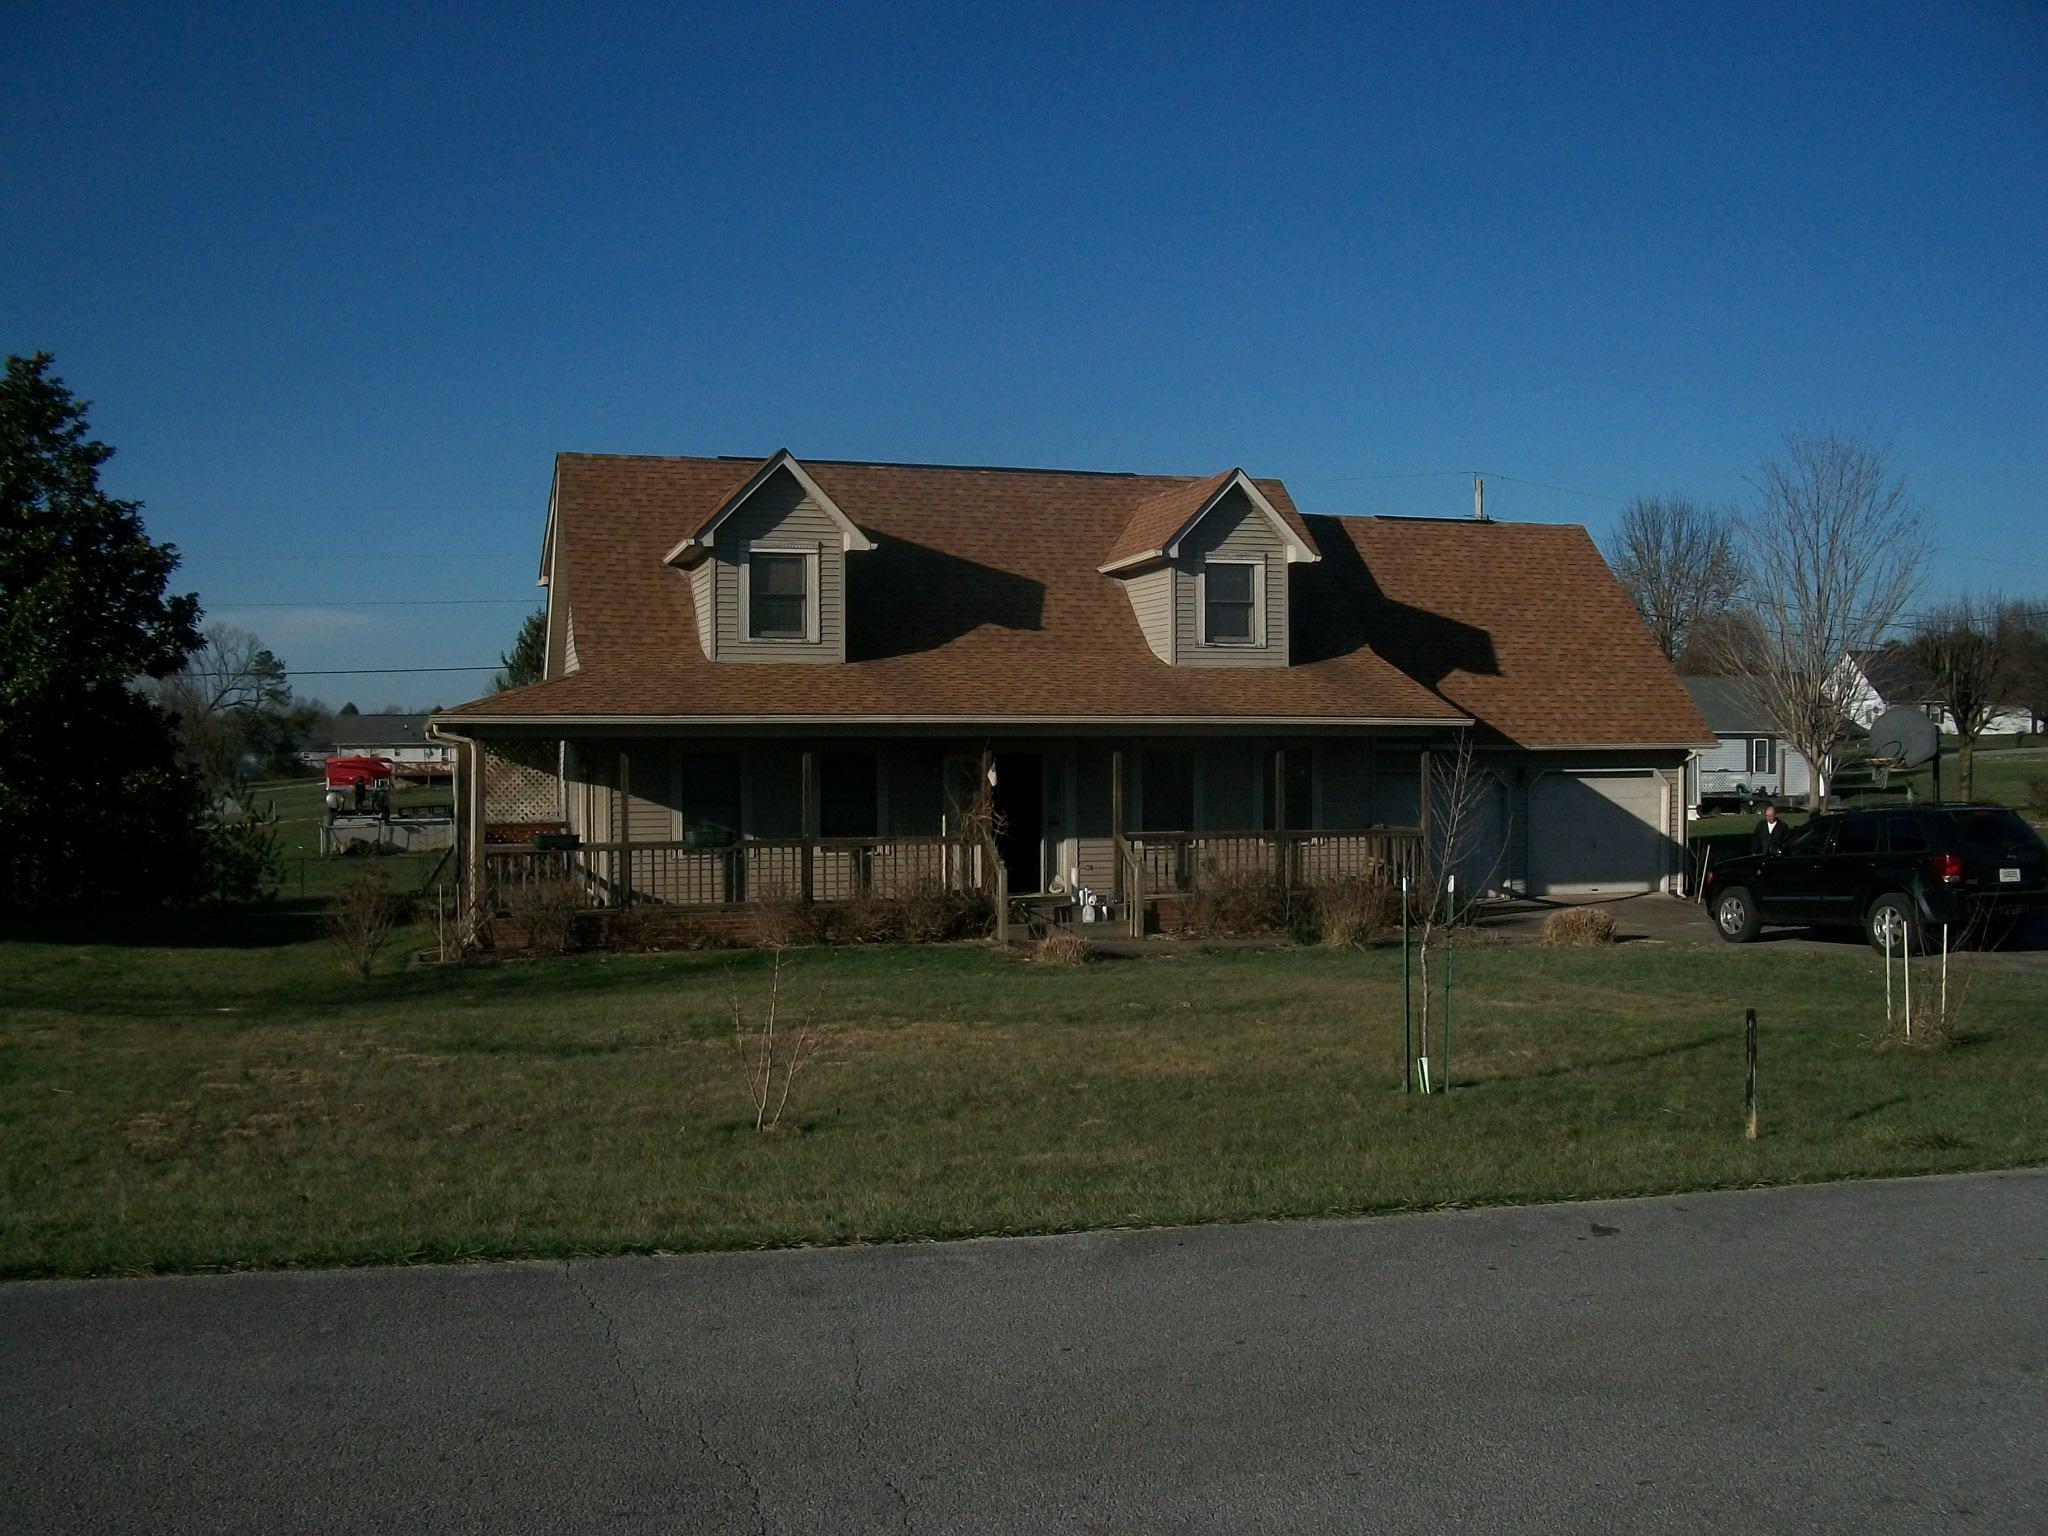 3010 Mountain Springs Dr, London, Kentucky 40744